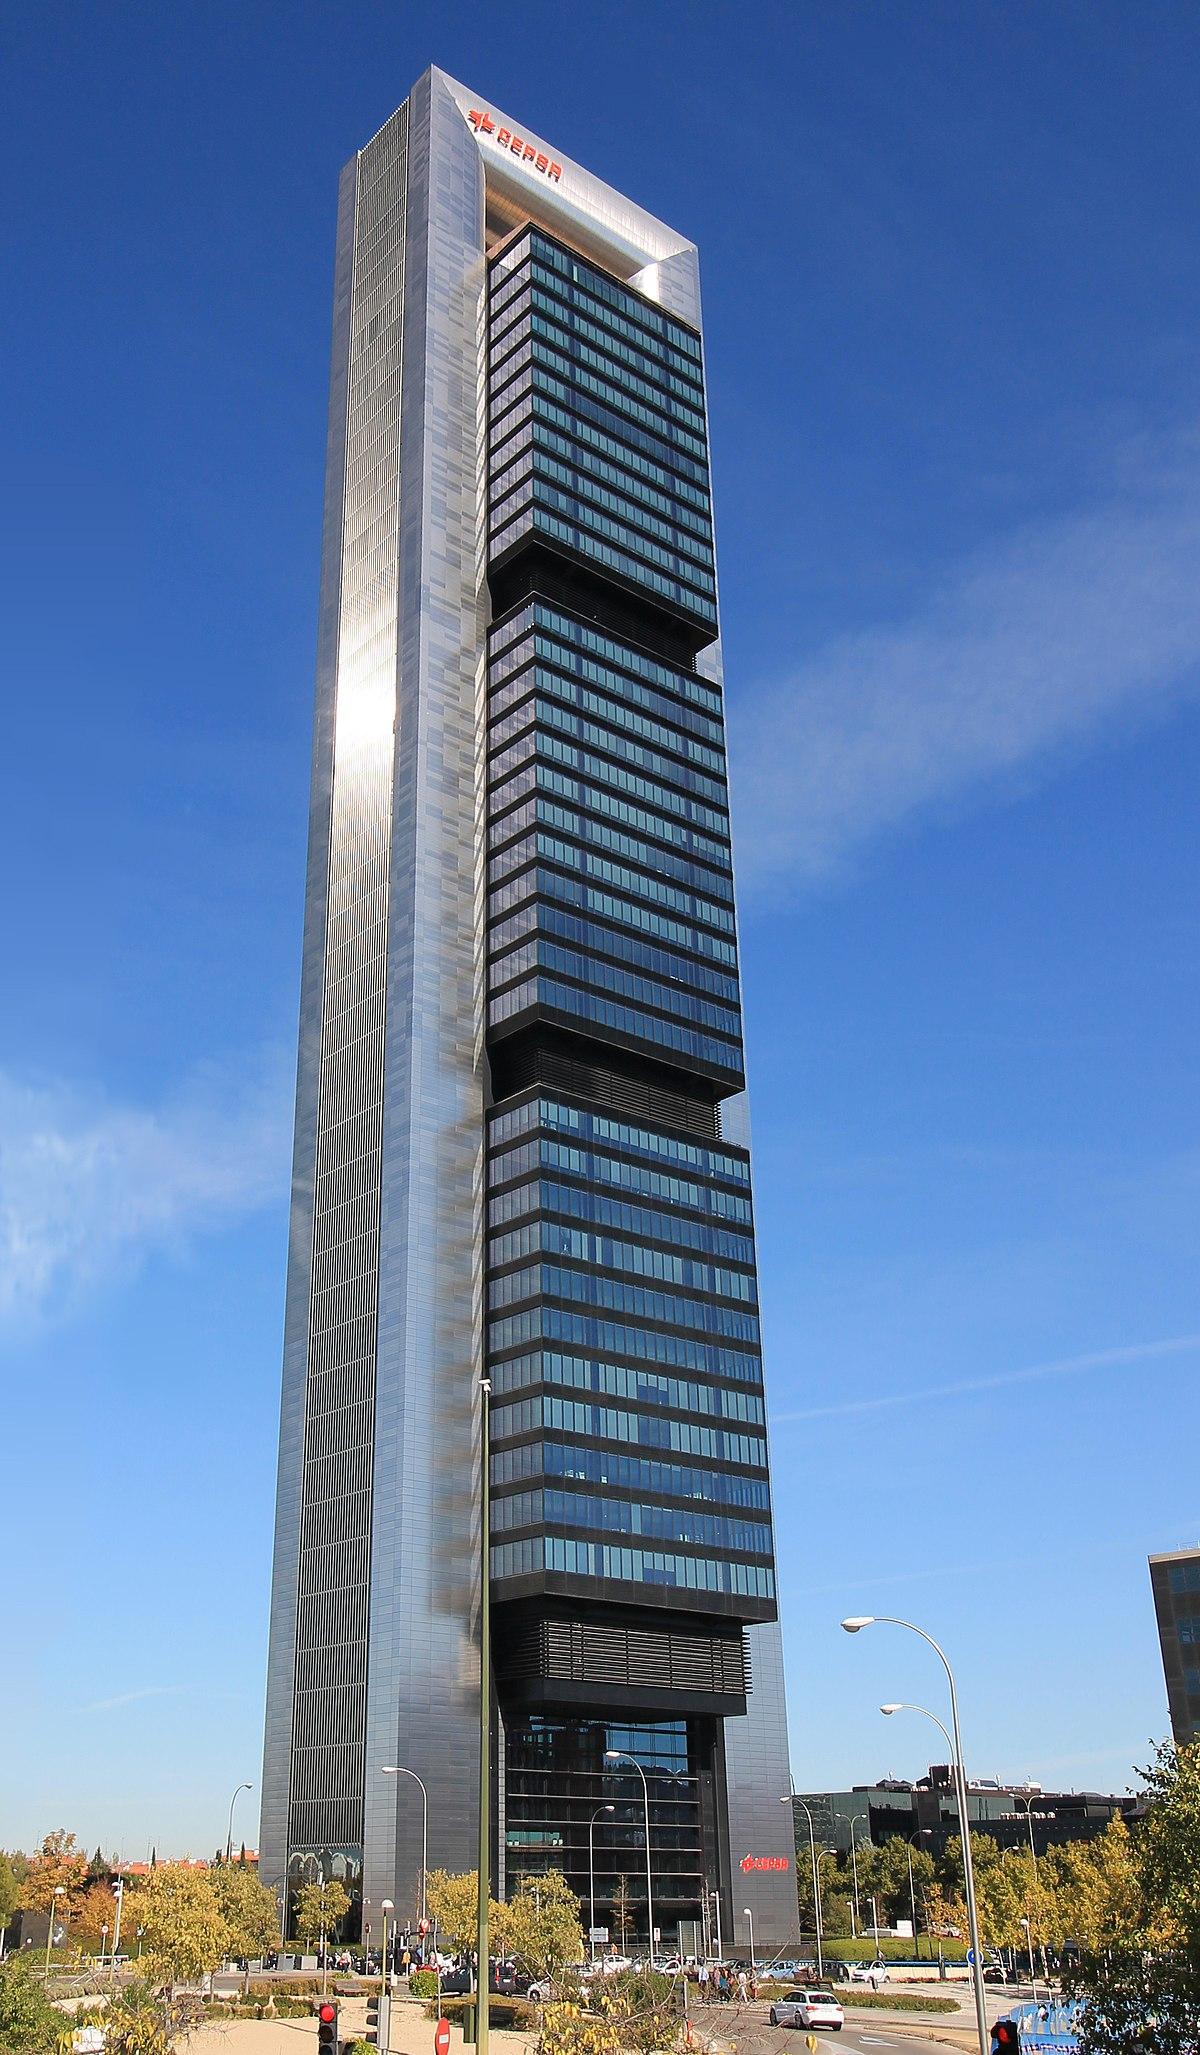 Torre cepsa wikipedia for Repsol oficinas